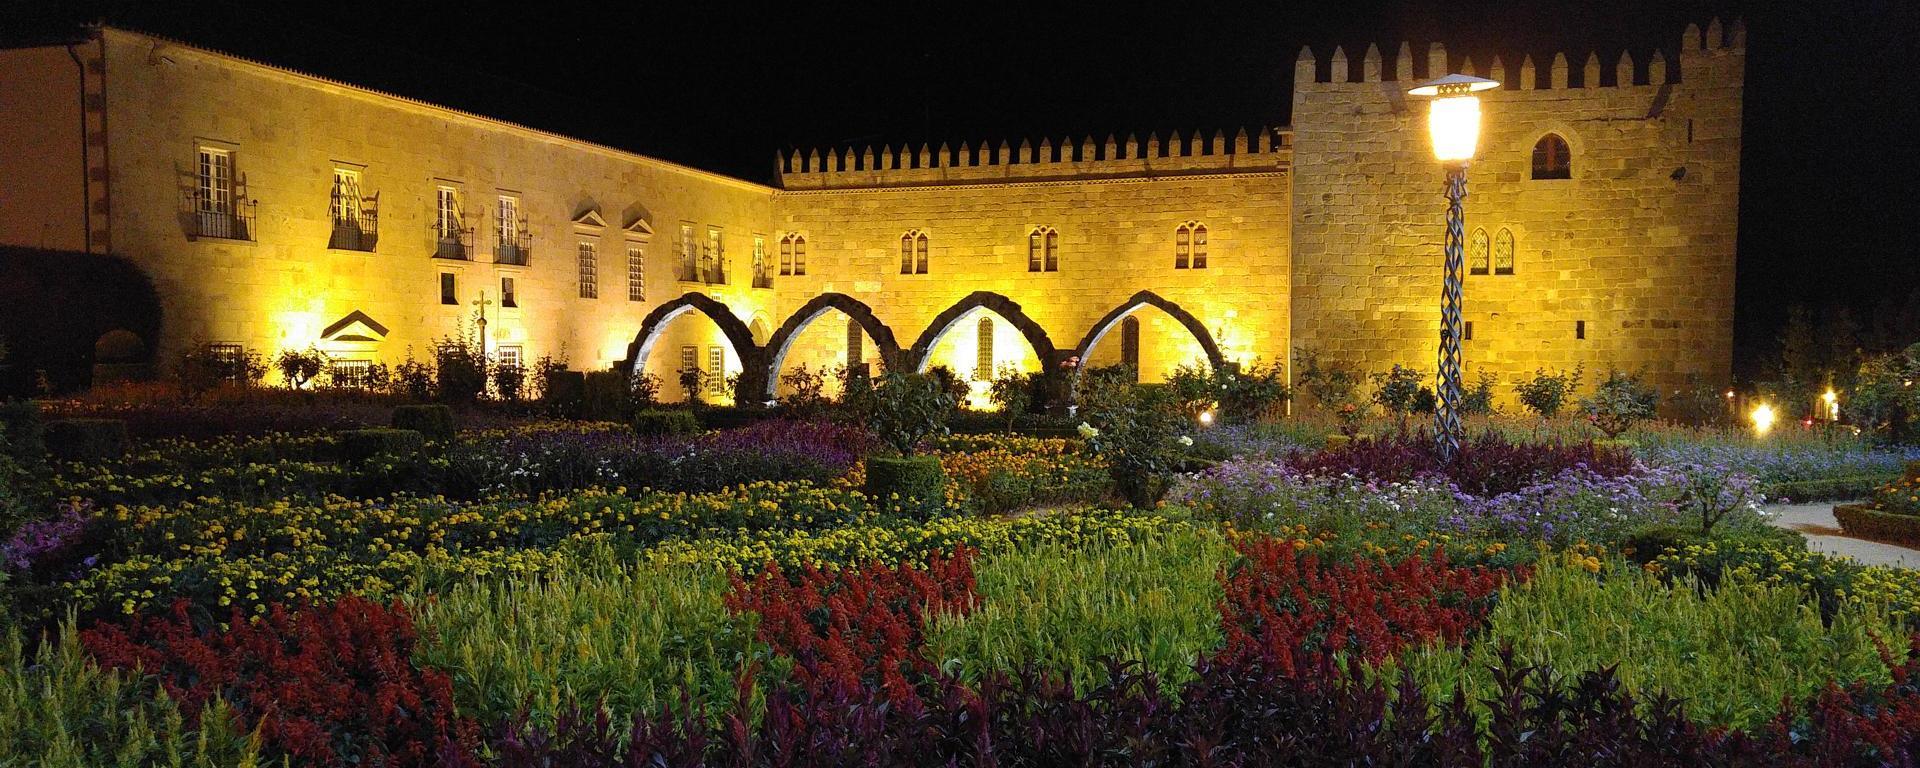 Jardim de Santa Bárbara - Braga, Portugal.